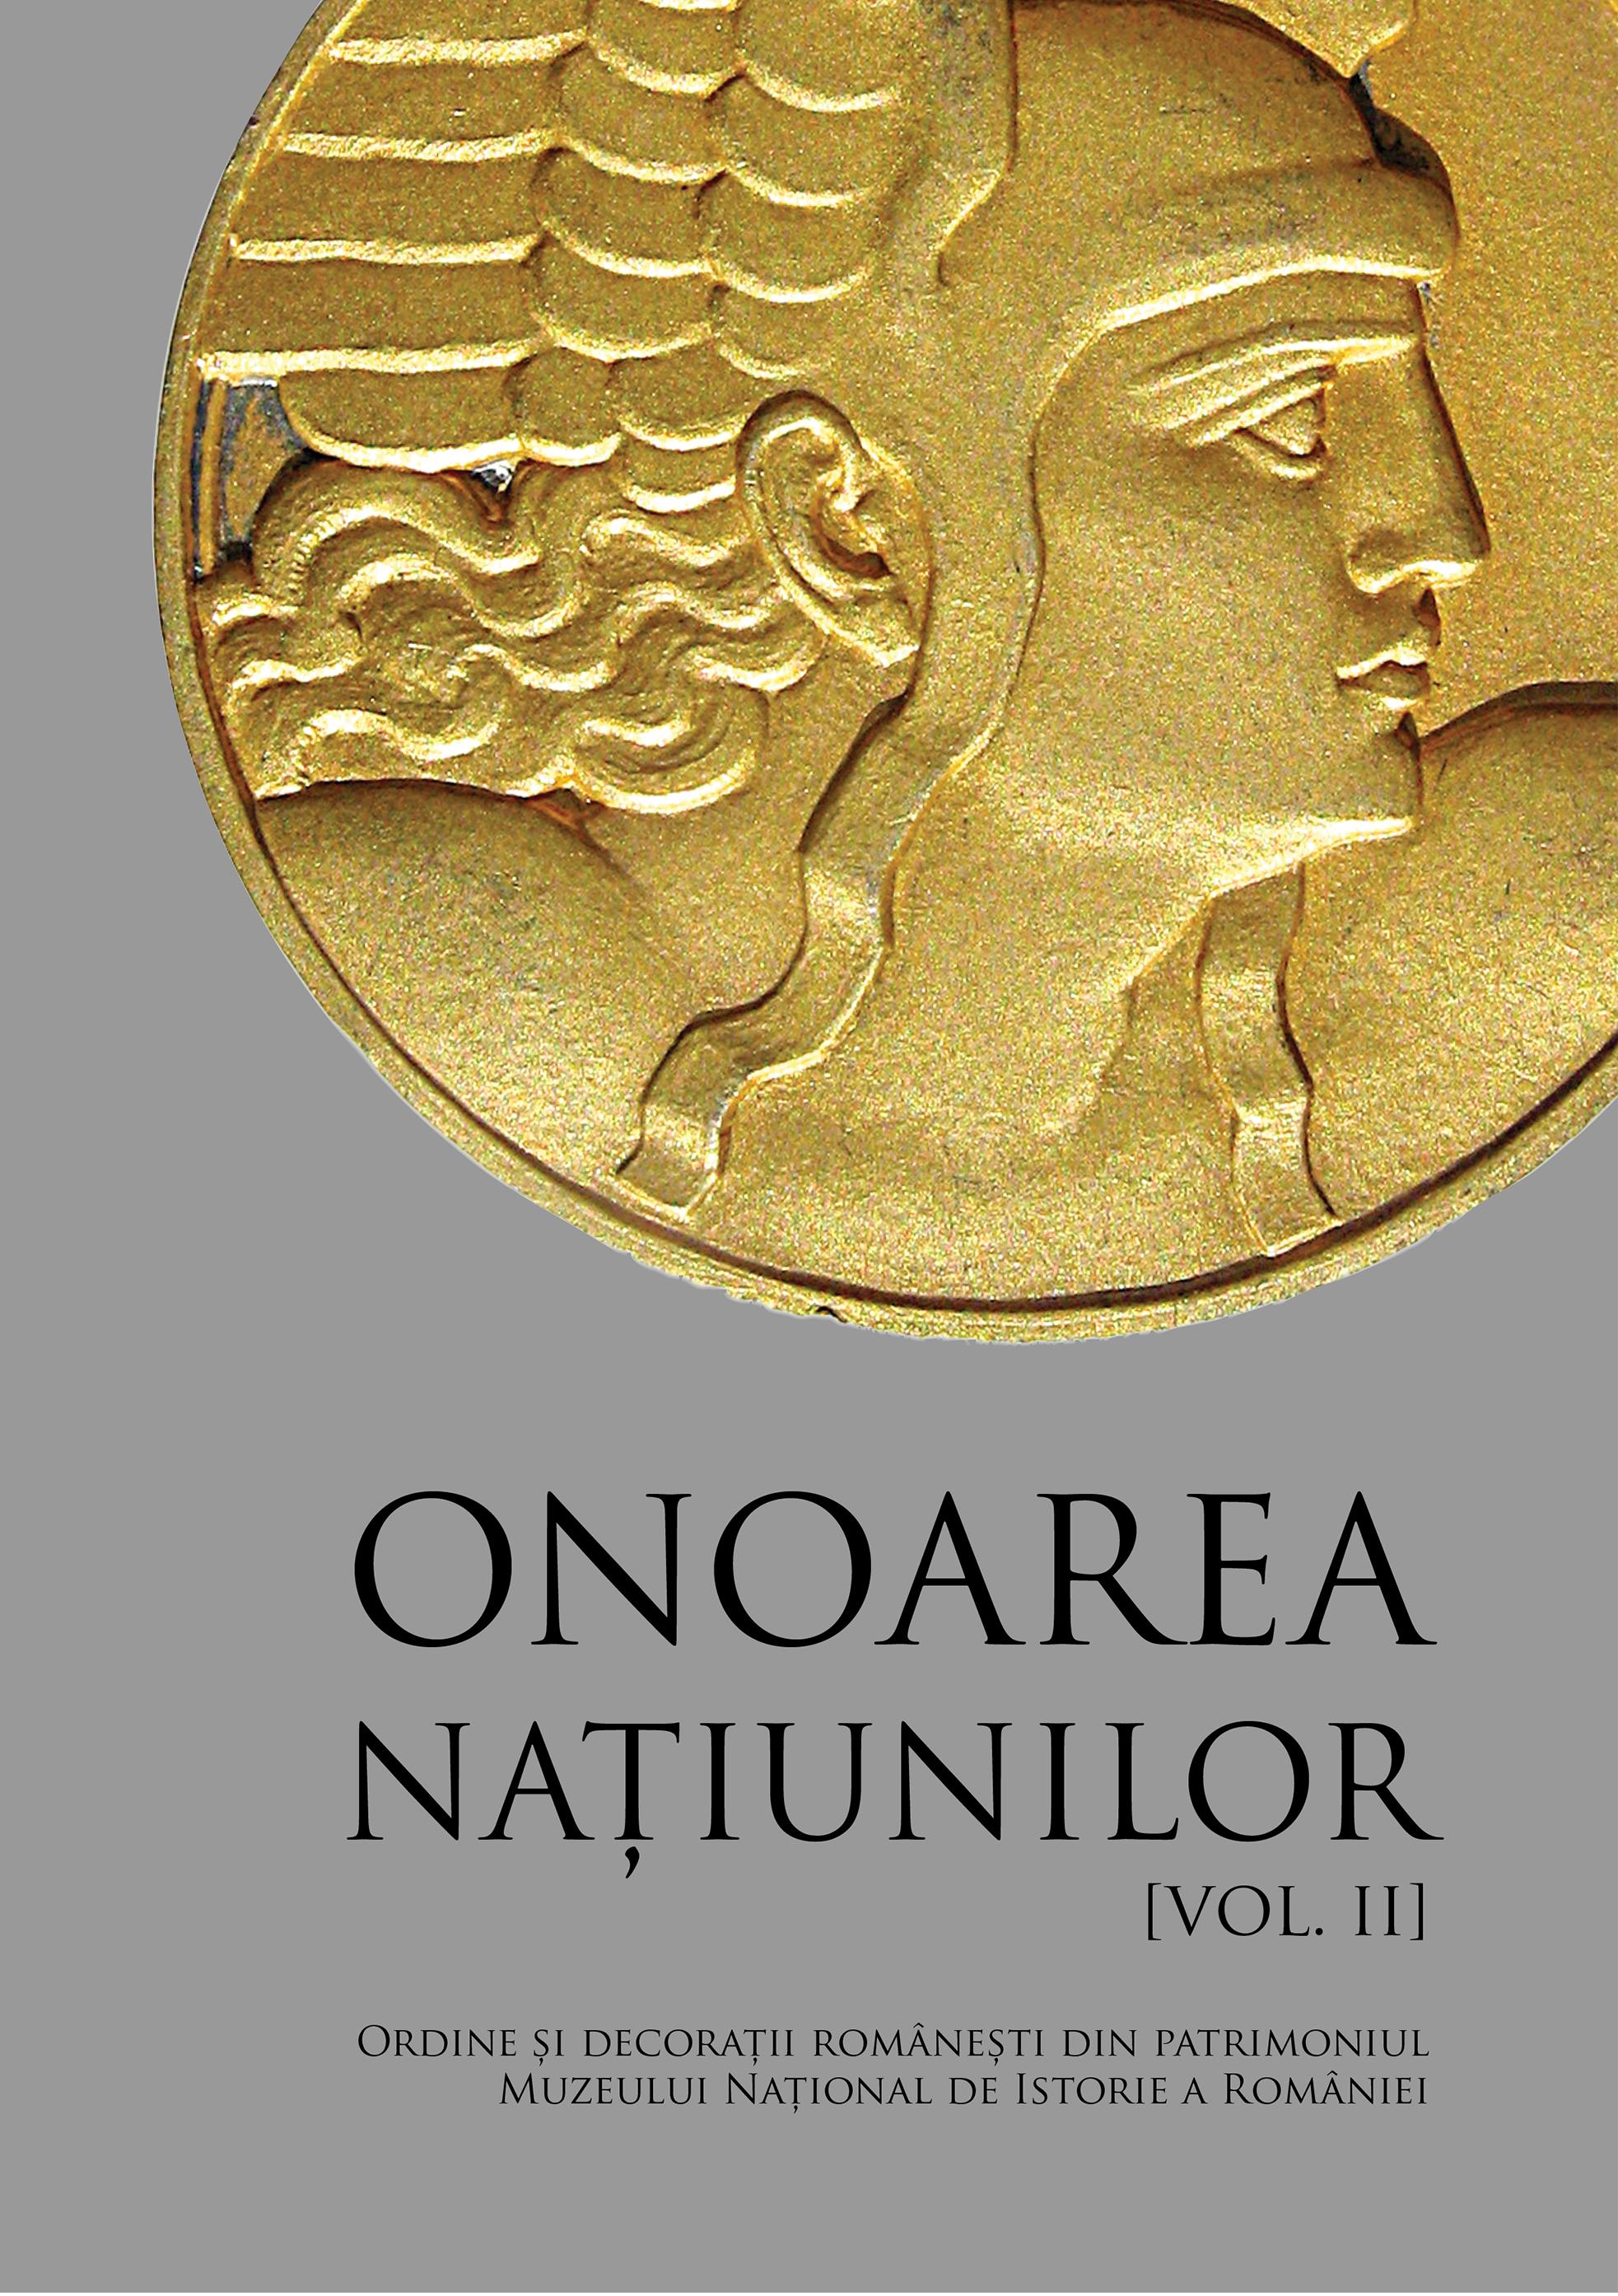 Onoarea Natiunilor II